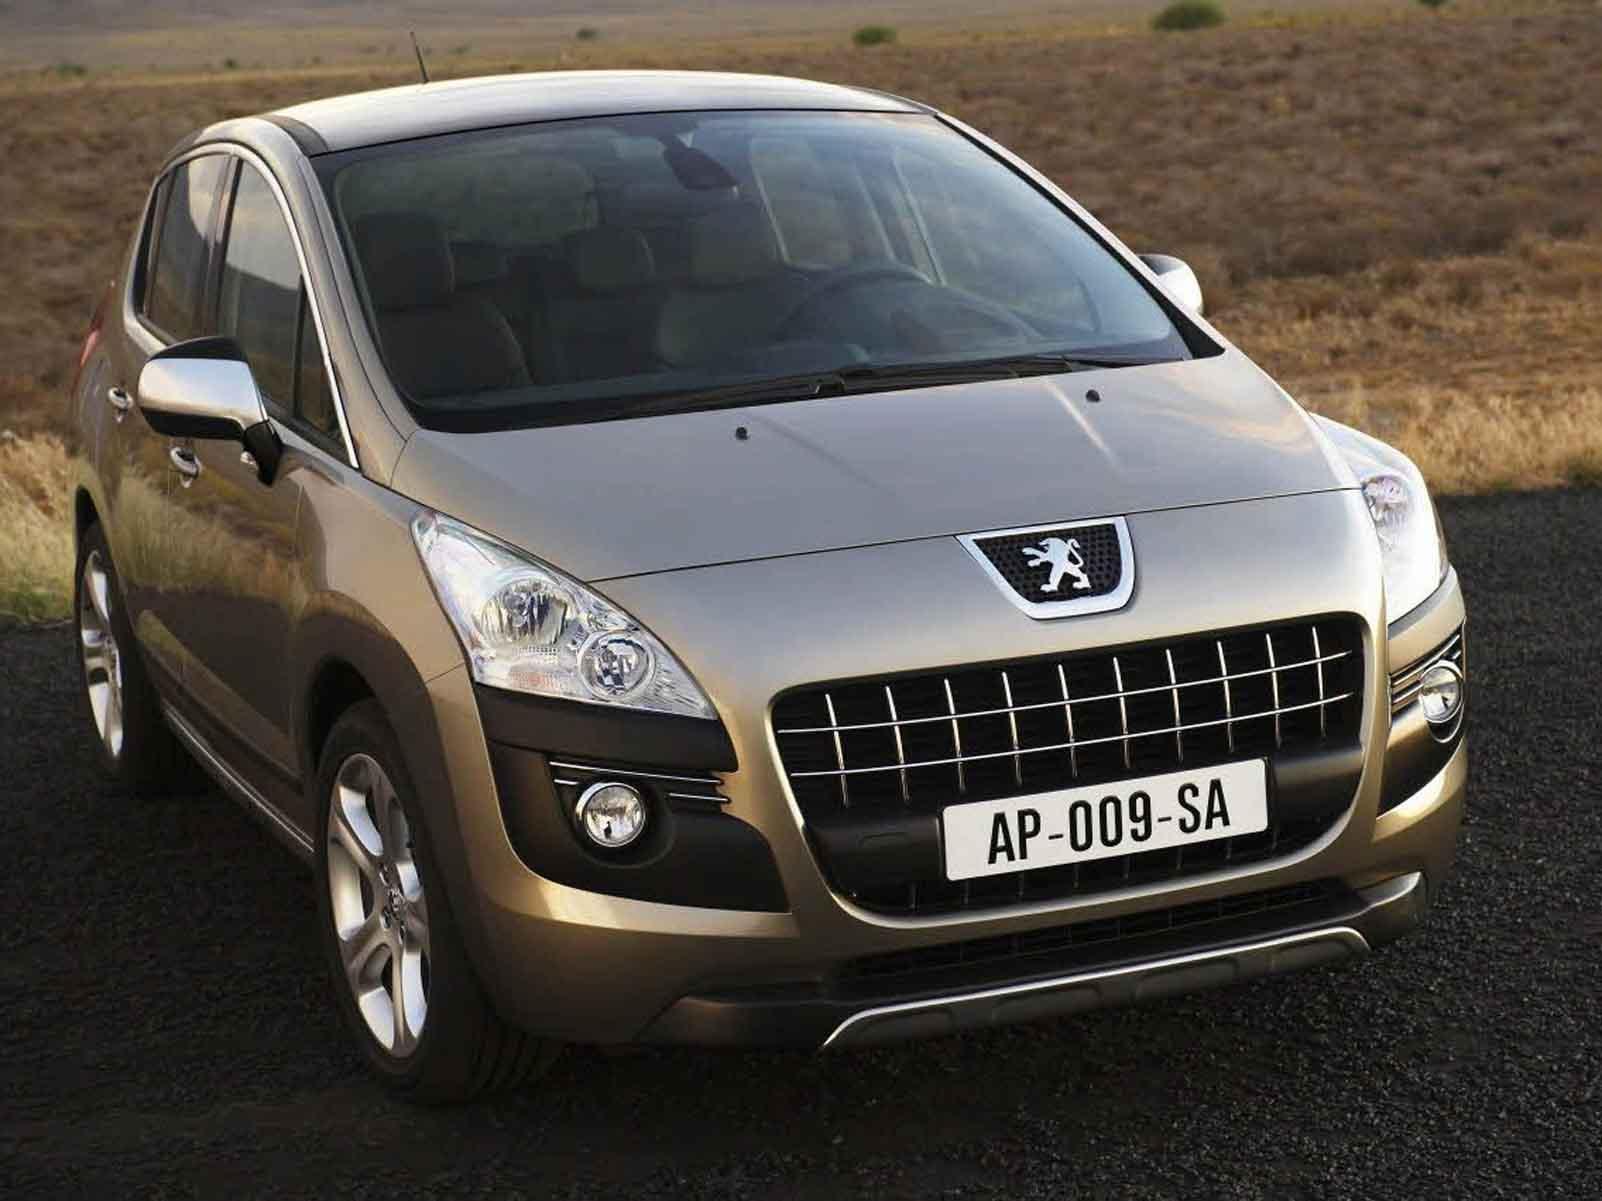 La Peugeot 3008 est un crossover compact, volumique et responsable. Elle représente une offre nouvel...